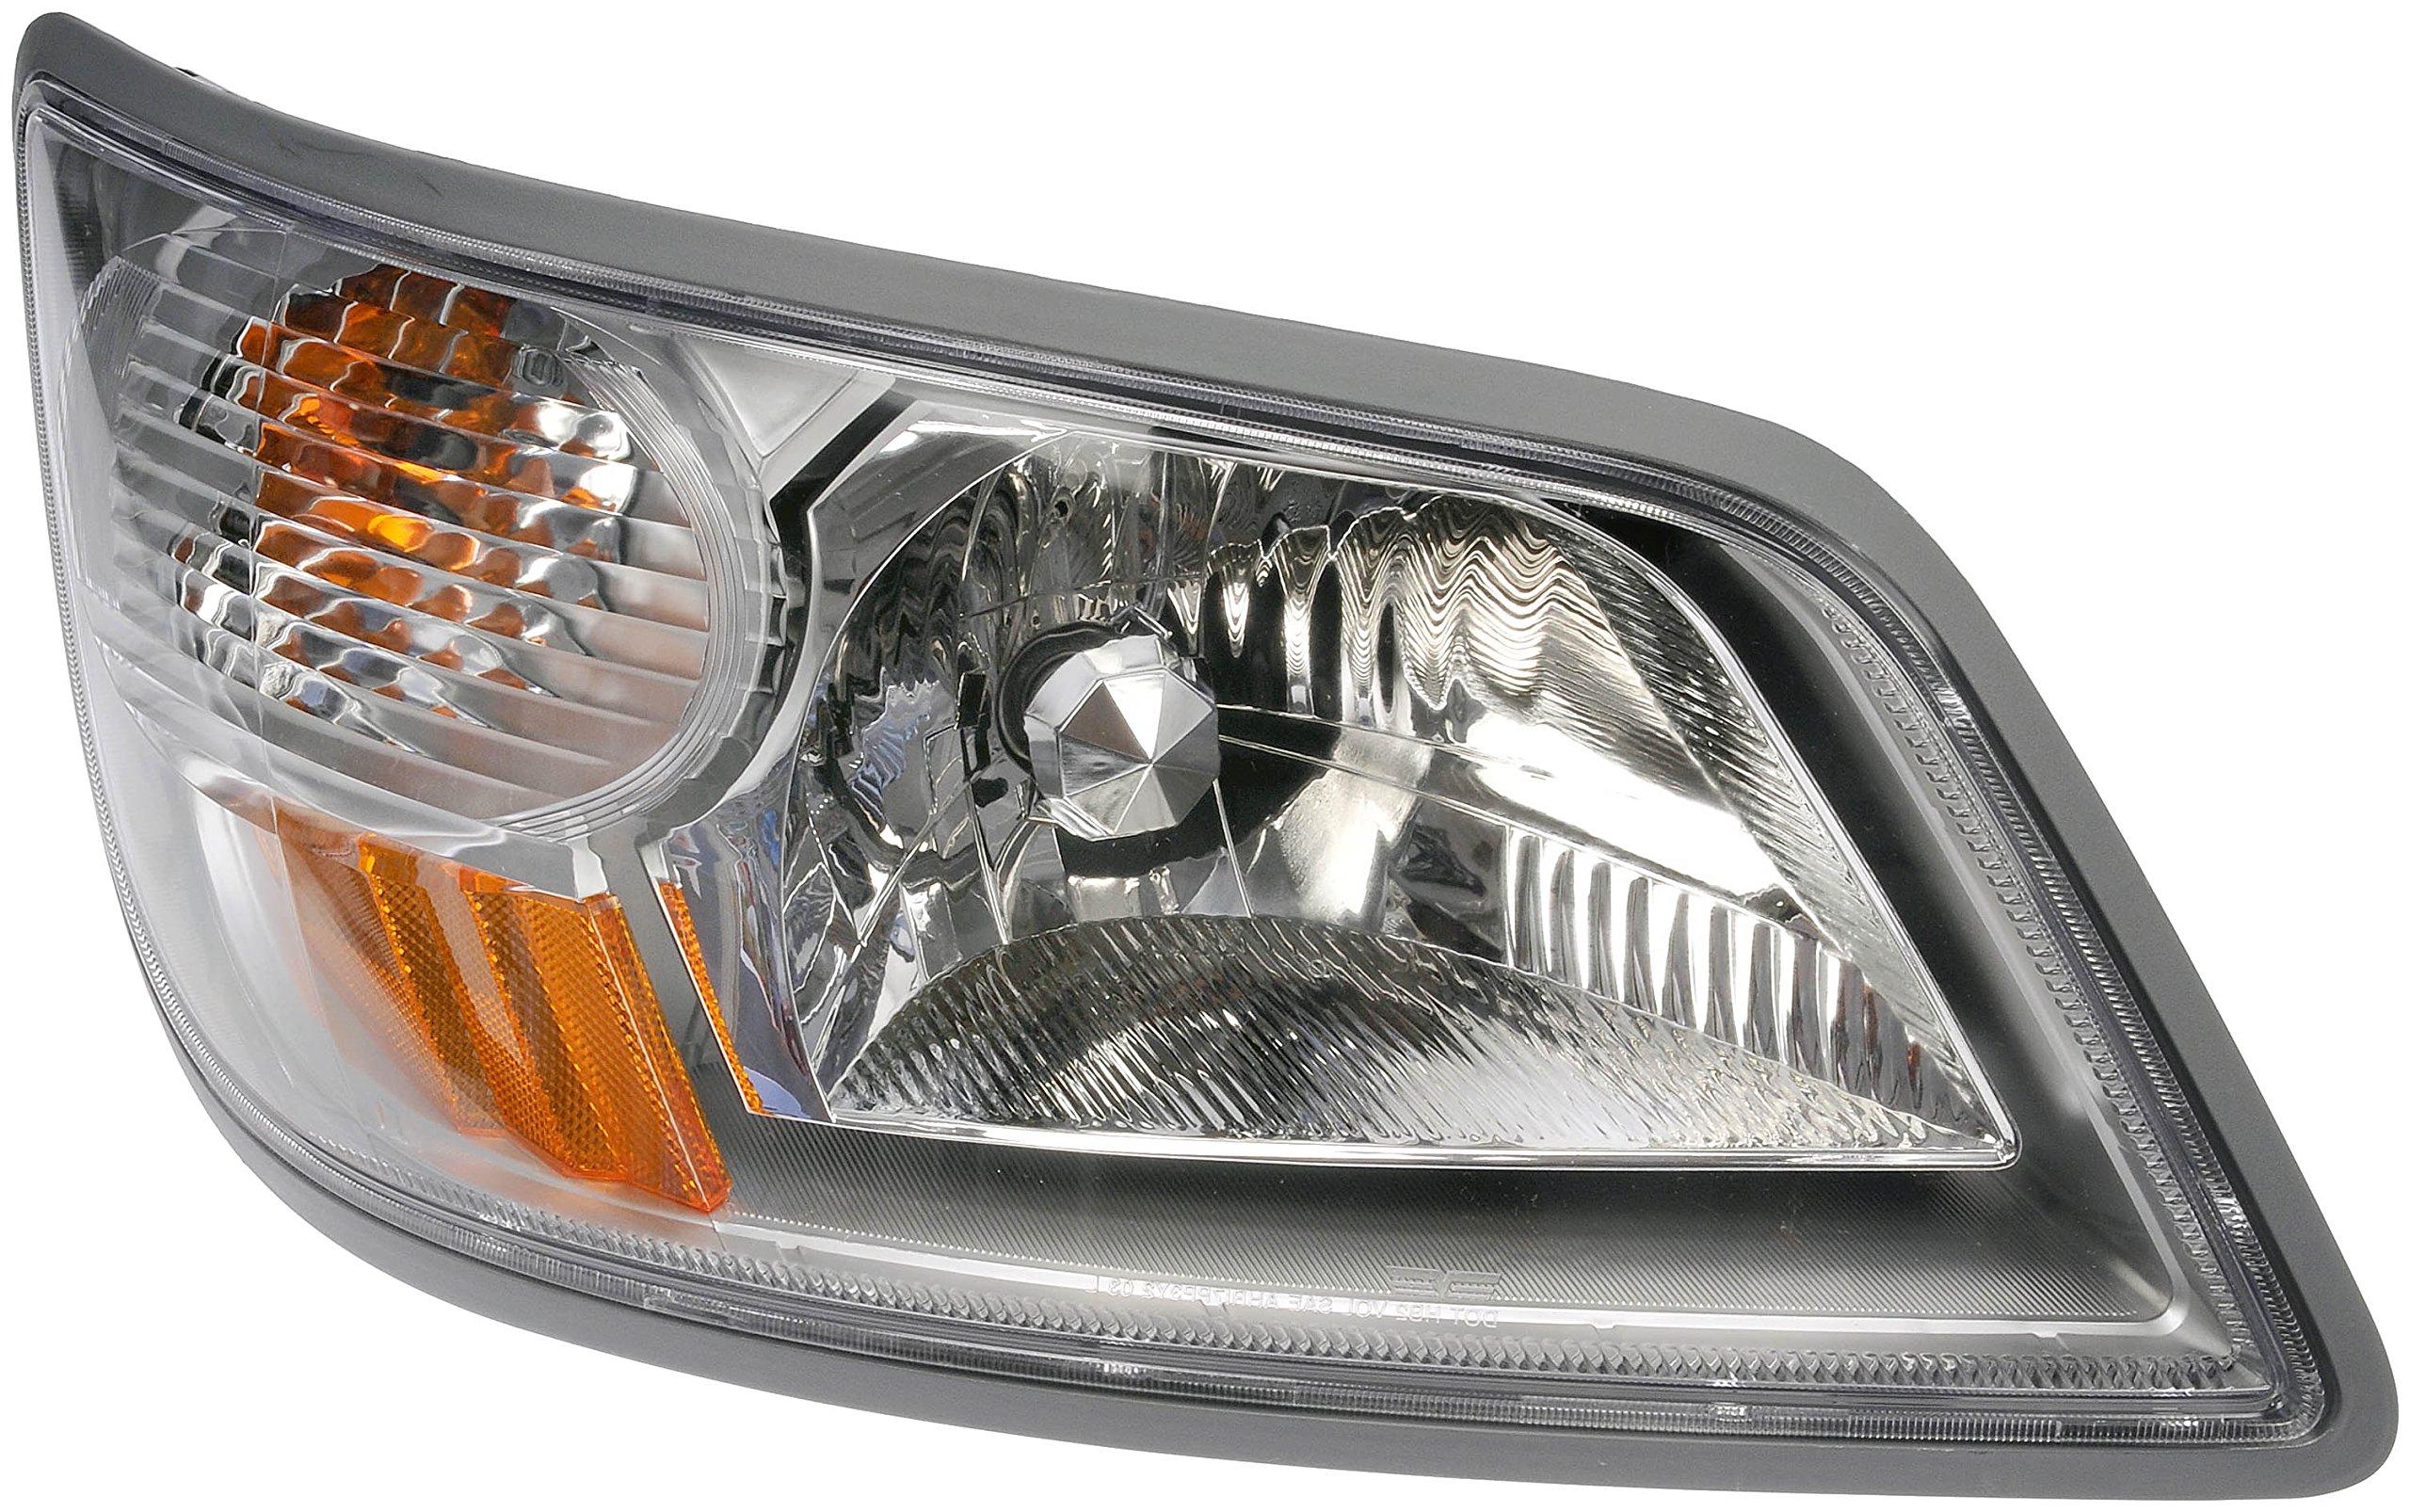 Dorman 888-5759 Passenger Side Headlight Assembly For Select Hino Models by Dorman